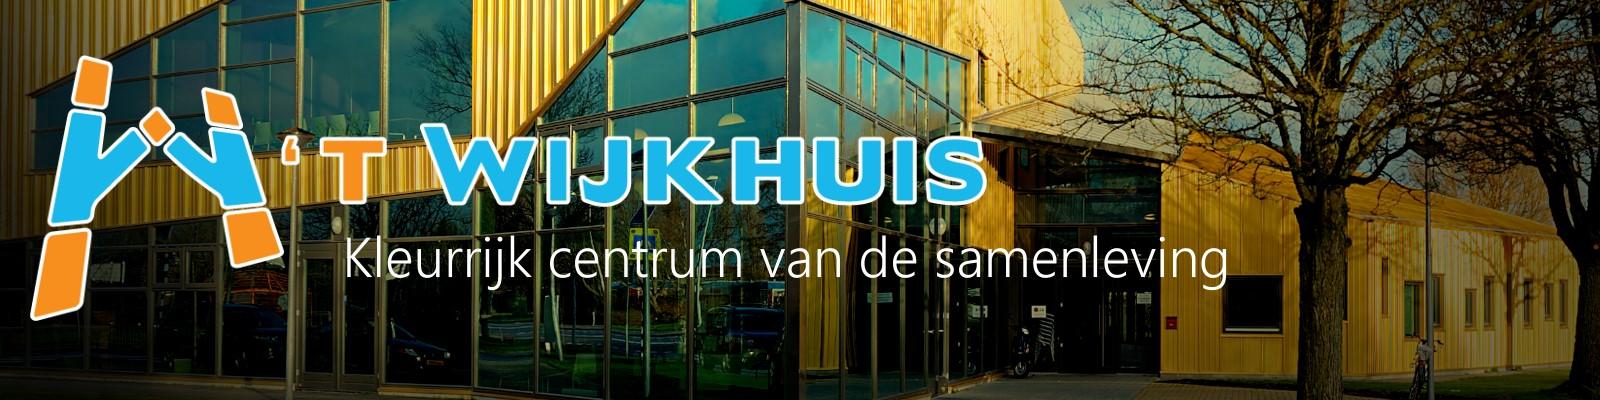 Wijkhuis Den-Helder